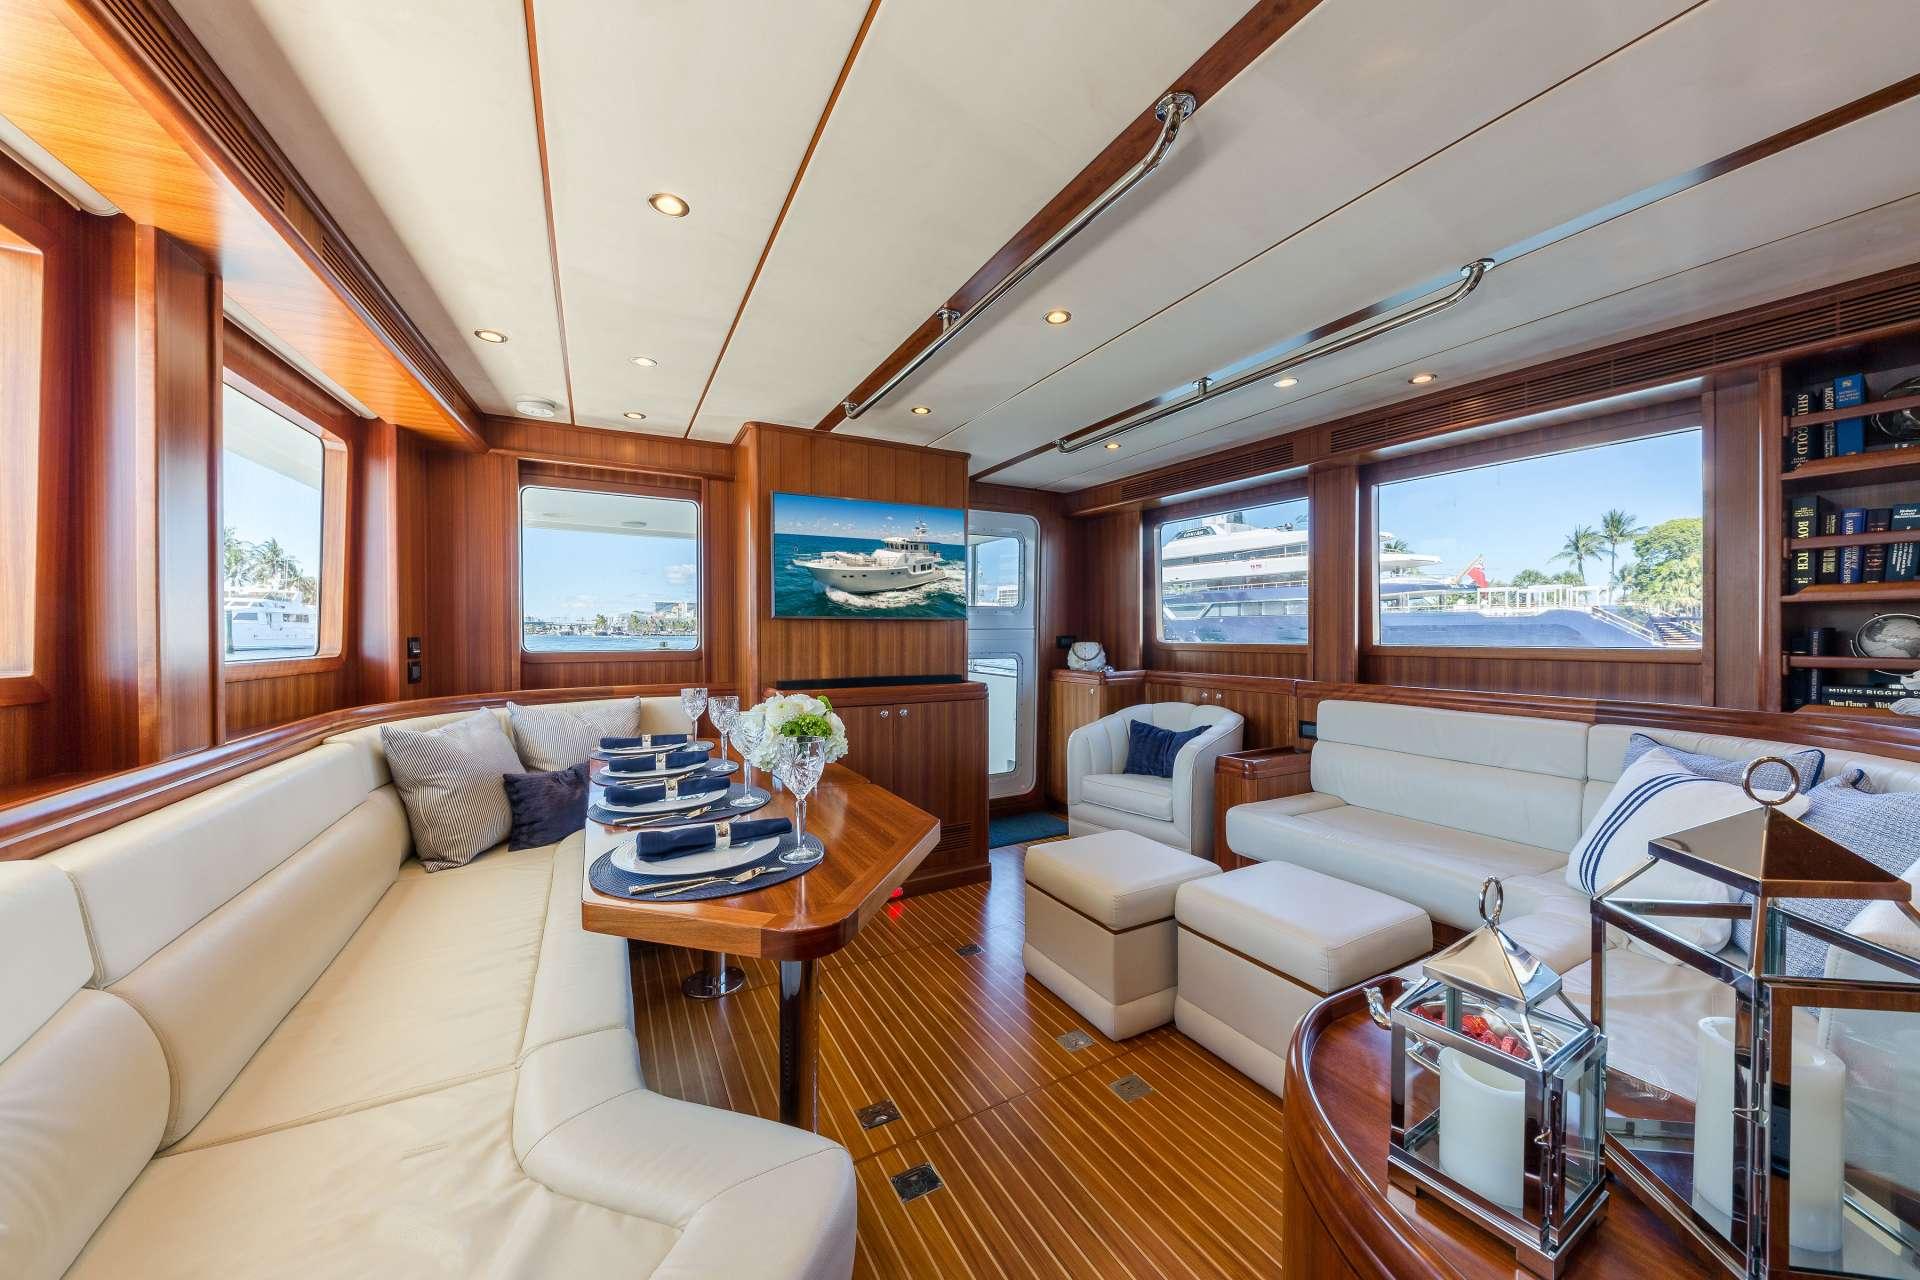 ASTURIAS yacht image # 1